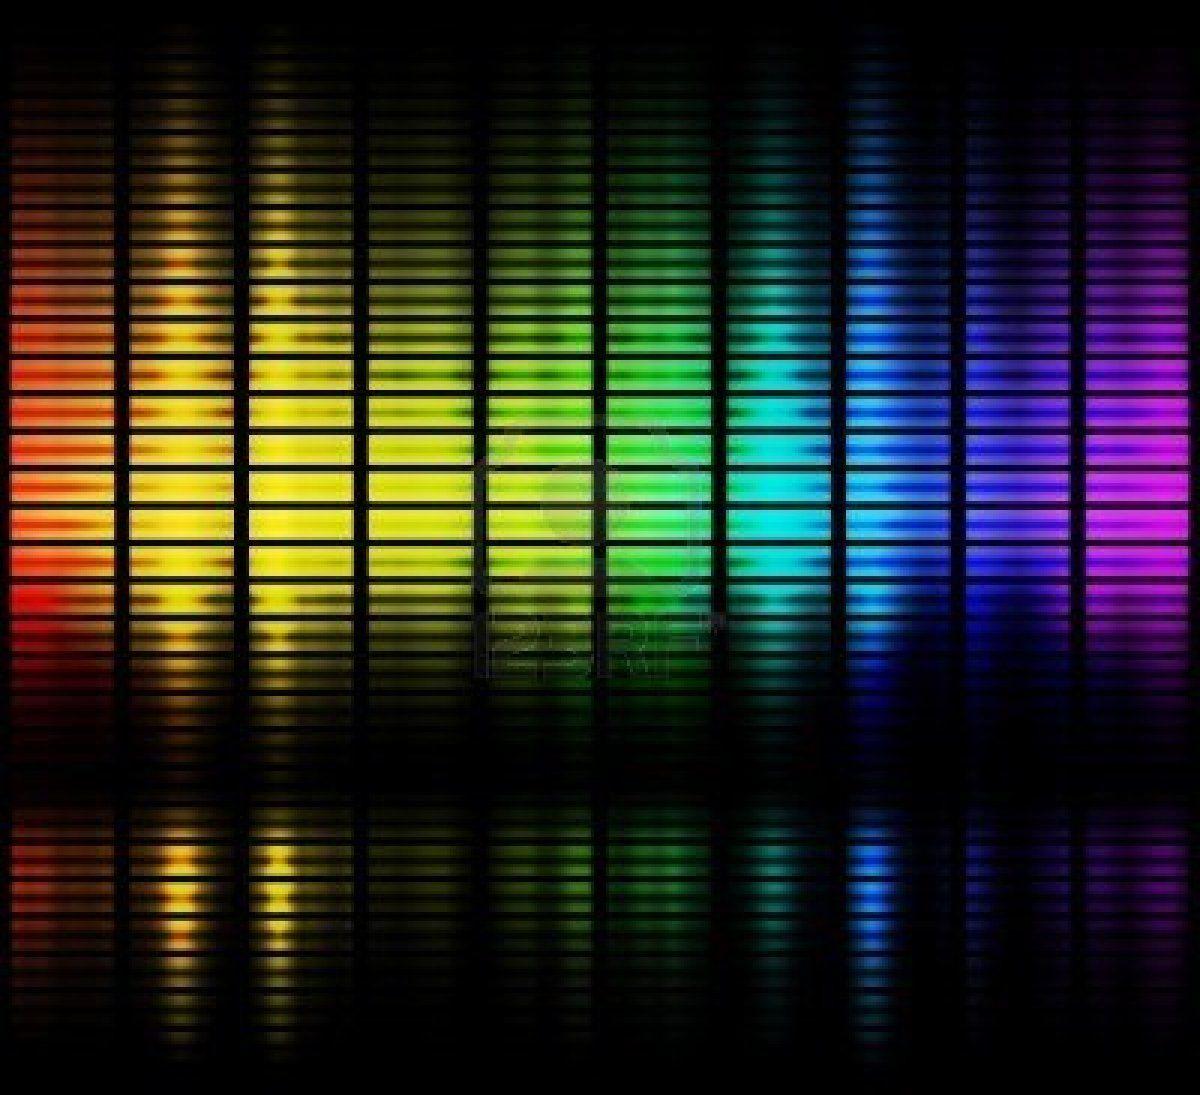 Des Ondes Sonores Dans La Gamme De Couleurs Affichables En